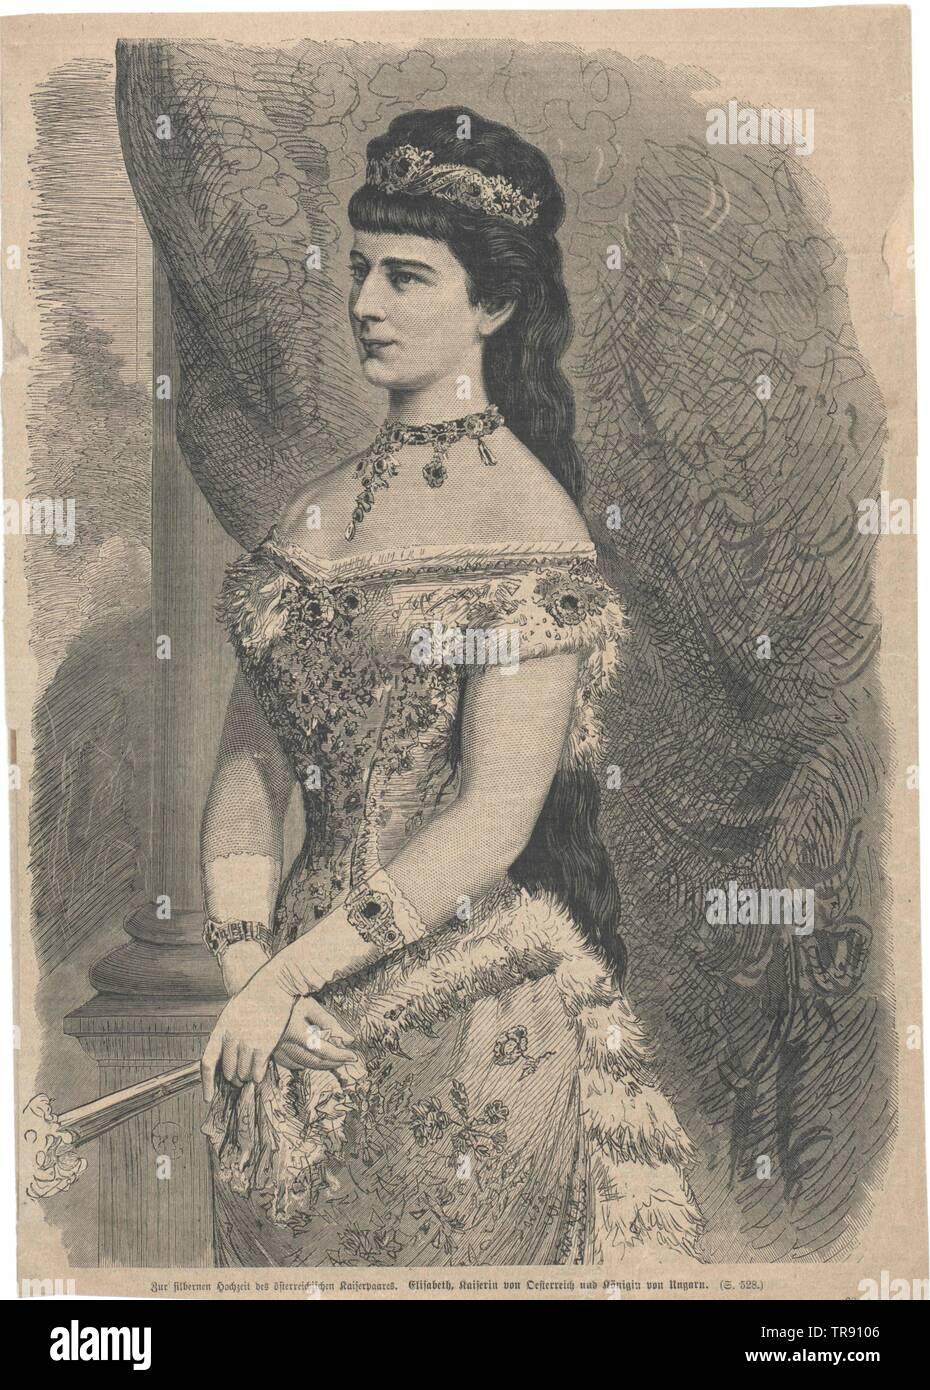 Elisabeth, Imperatrice d'Austria, invertita facsimile stampato sulla base di pittura di Georg Raab, 1878, dalla causa di nozze d'argento (1879), , Additional-Rights-Clearance-Info-Not-Available Immagini Stock